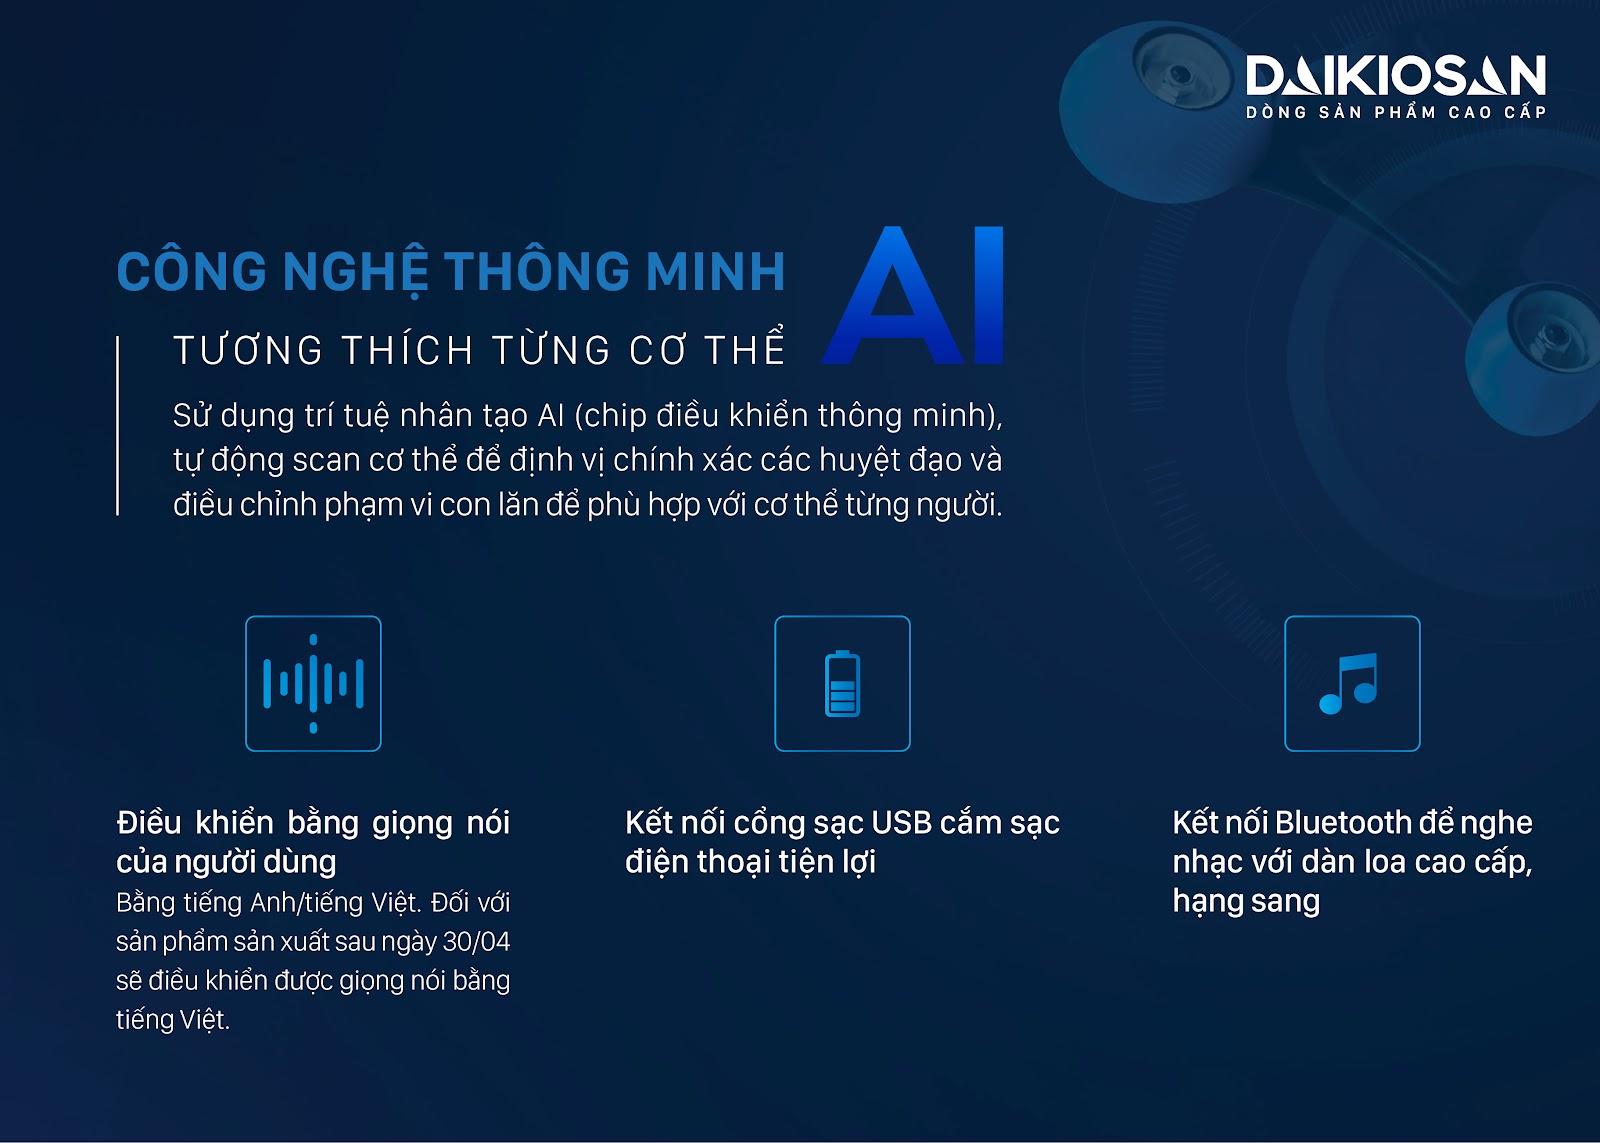 ghế massage toàn thân áp dụng công nghệ AI trí tuệ nhân tạo